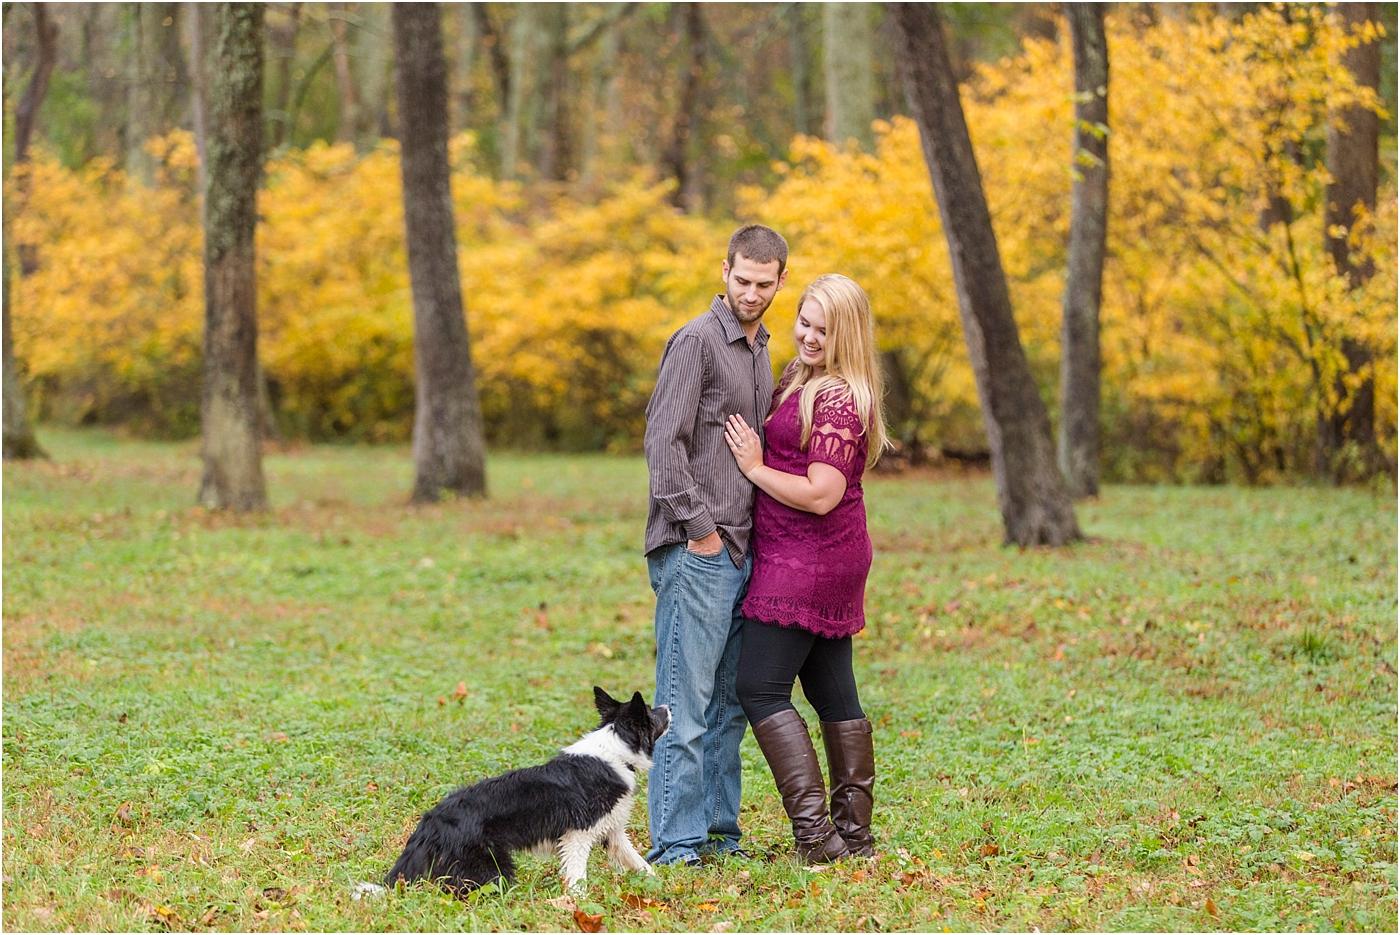 Maryland-Engagement-Photographer-27.jpg